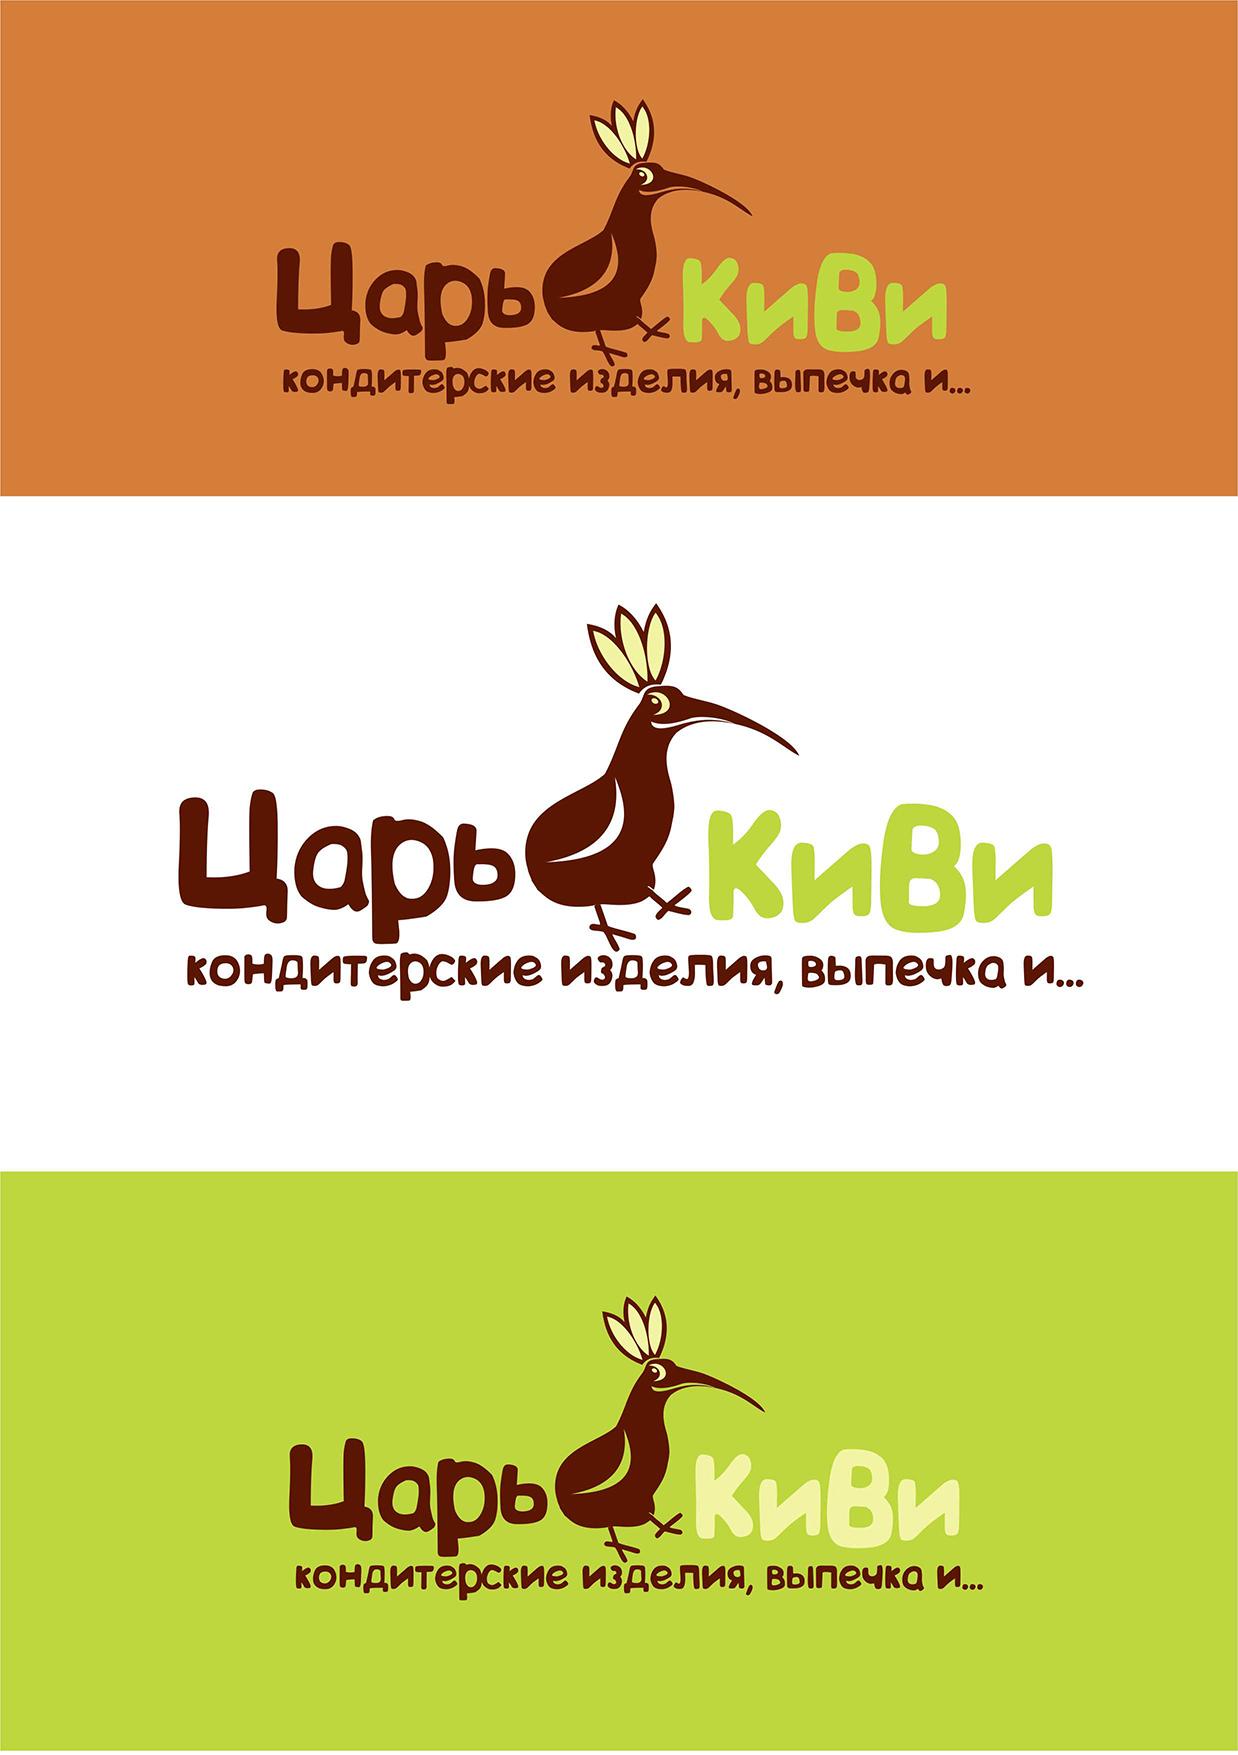 """Доработать дизайн логотипа кафе-кондитерской """"Царь-Киви"""" фото f_7715a074cee70477.jpg"""